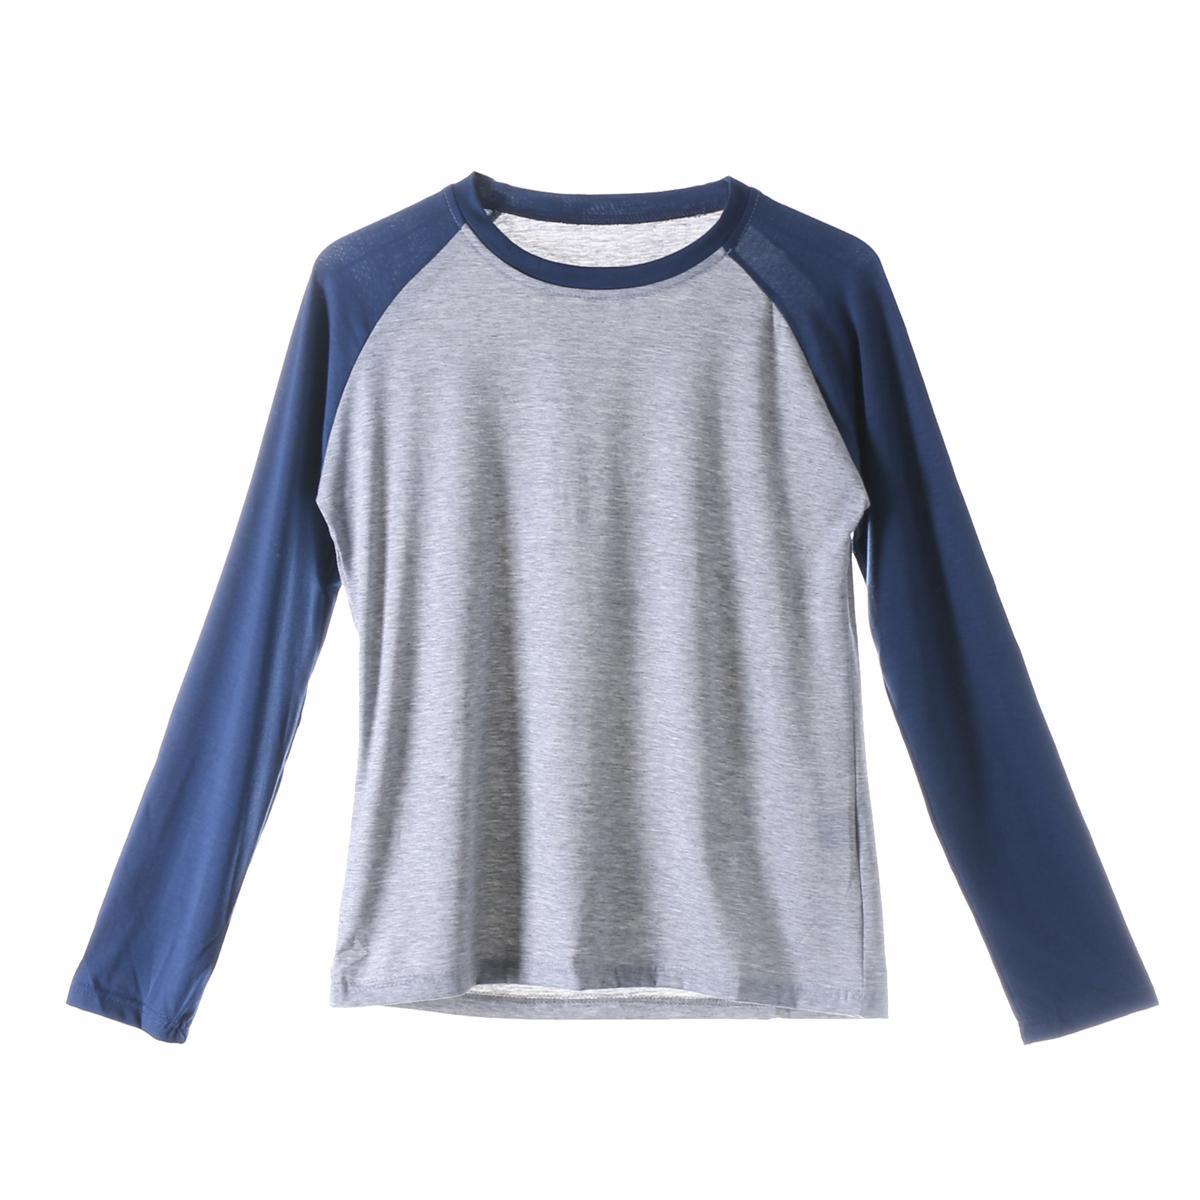 Courir T-shirts manches longues uni Baseball Raglan T-shirt T des hommes de sport d'équipe 5 couleurs R Neck U